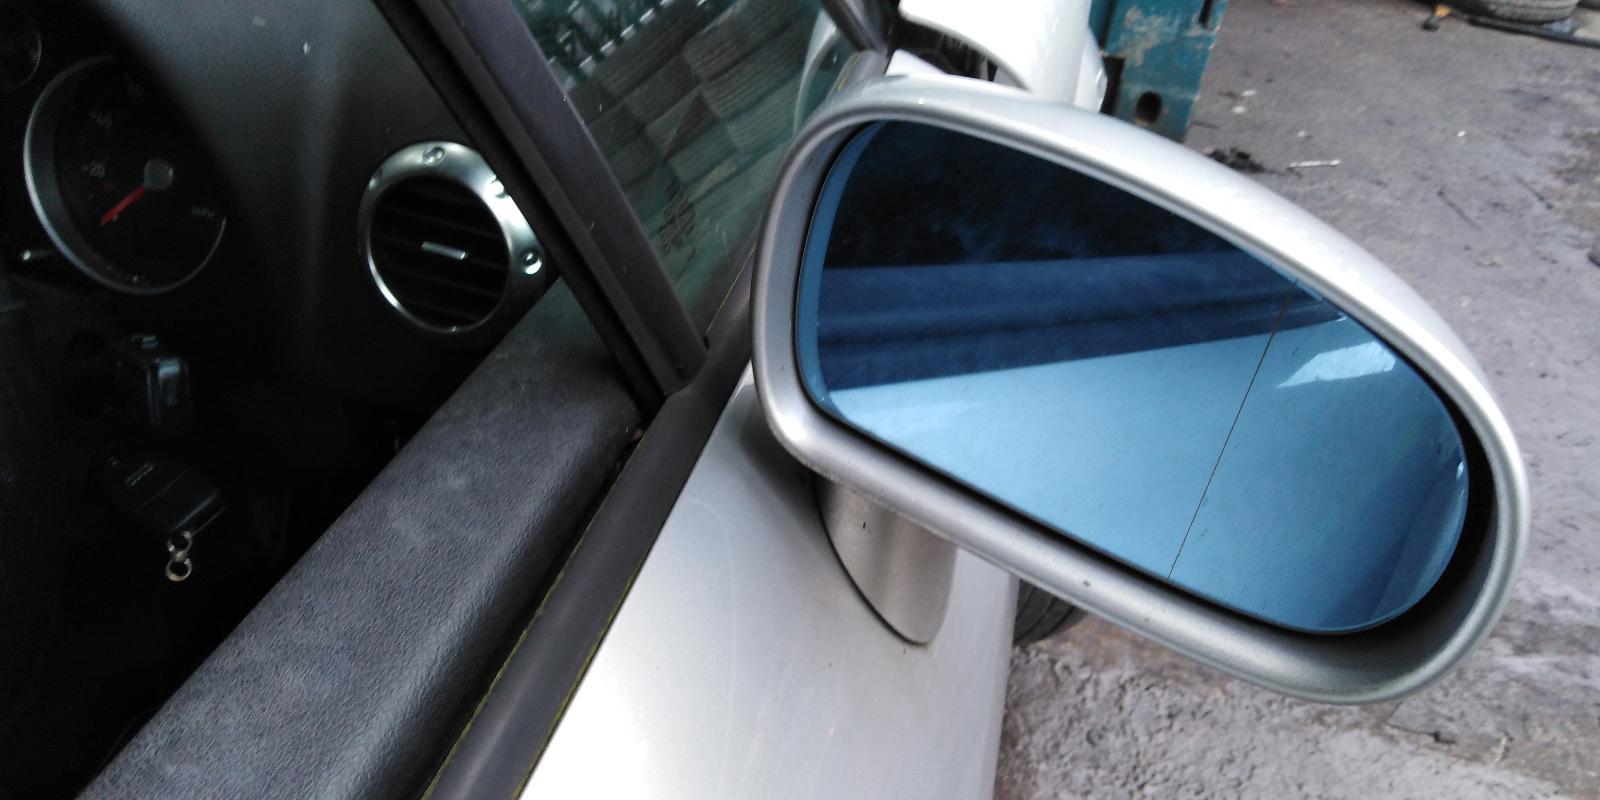 View Auto part AUDI TT 2002 3 Door Coupe